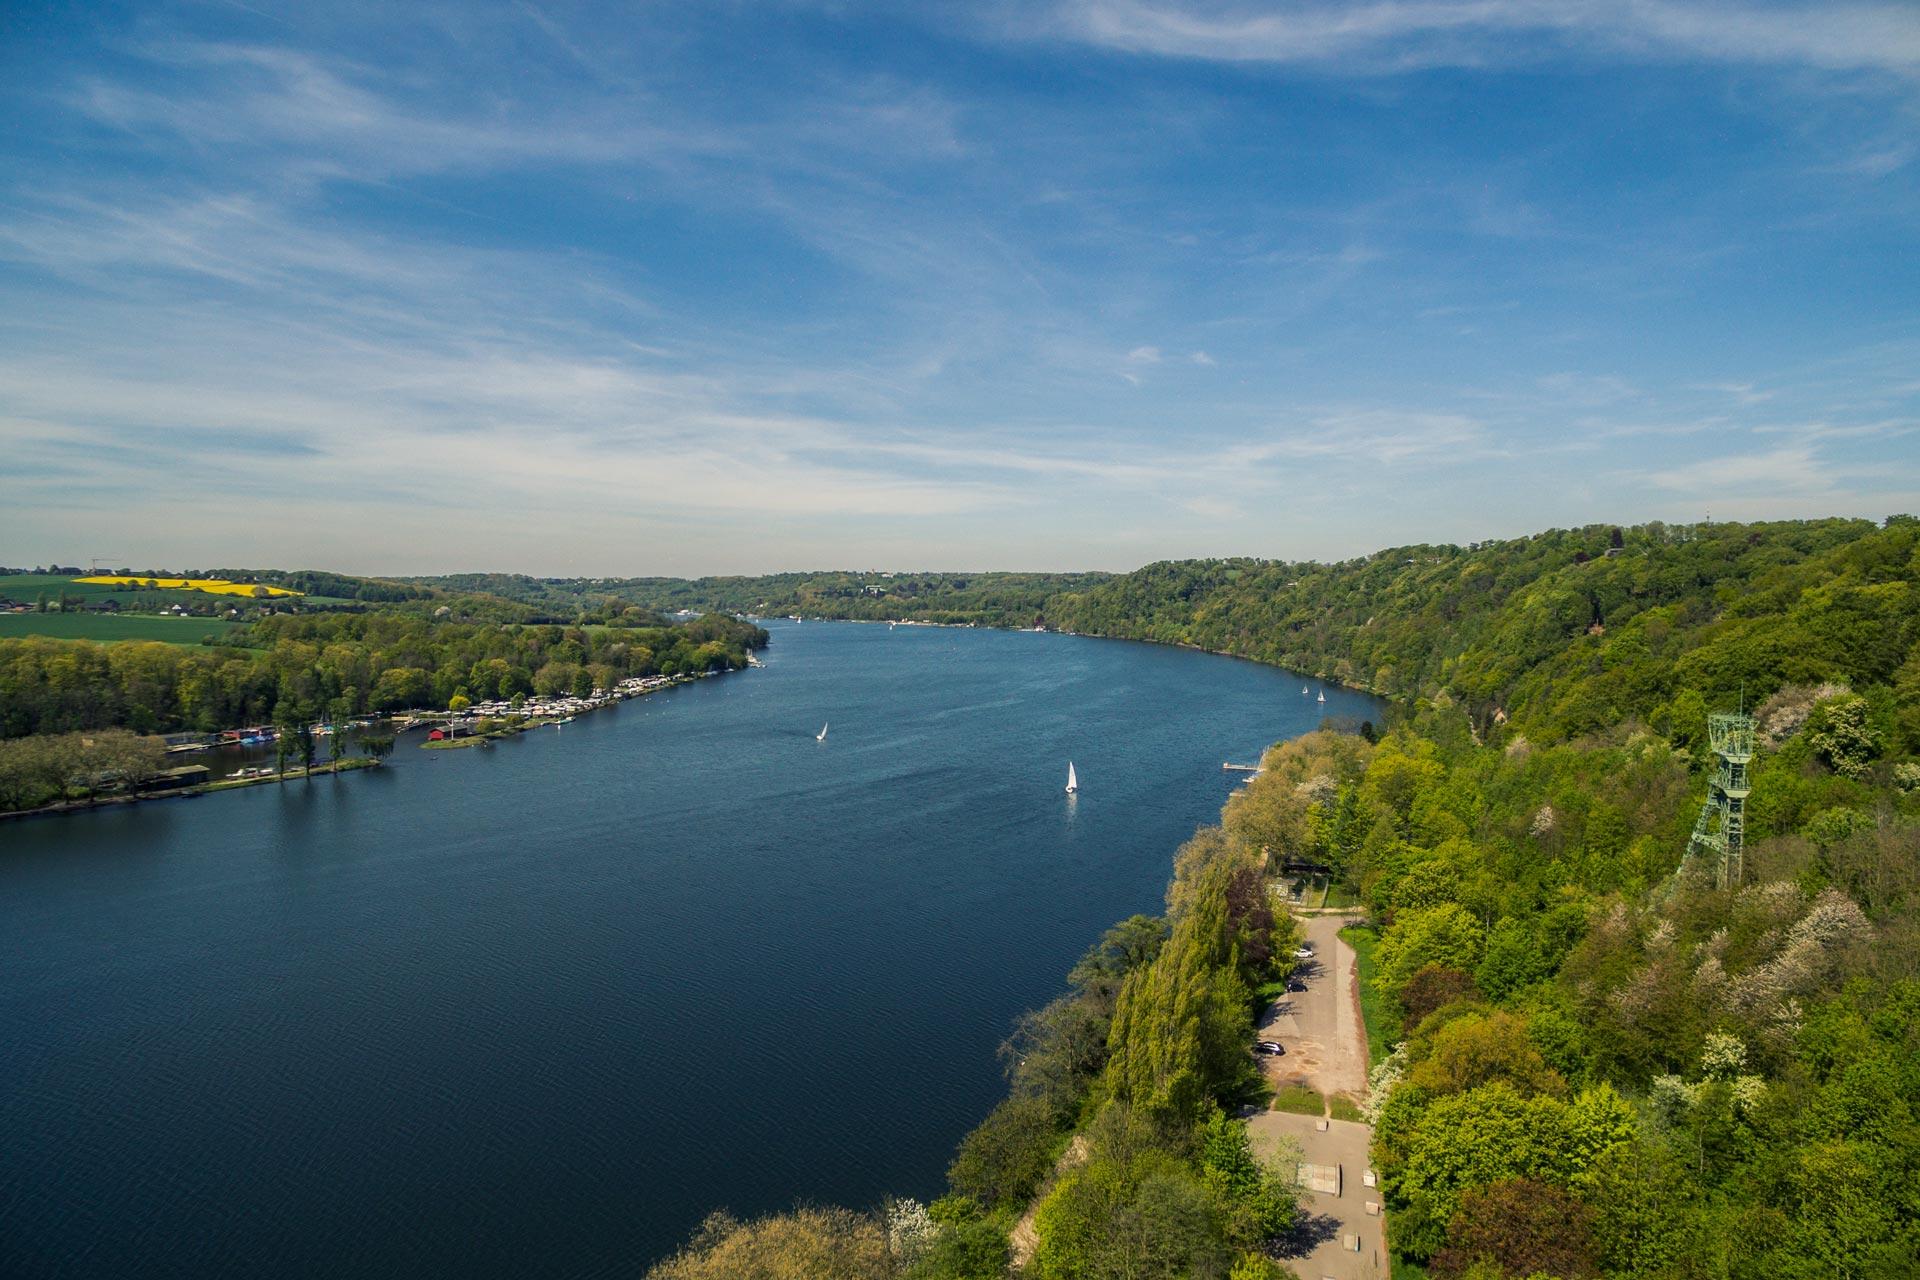 Luftbild von einem Fluss in grüner Landschaft